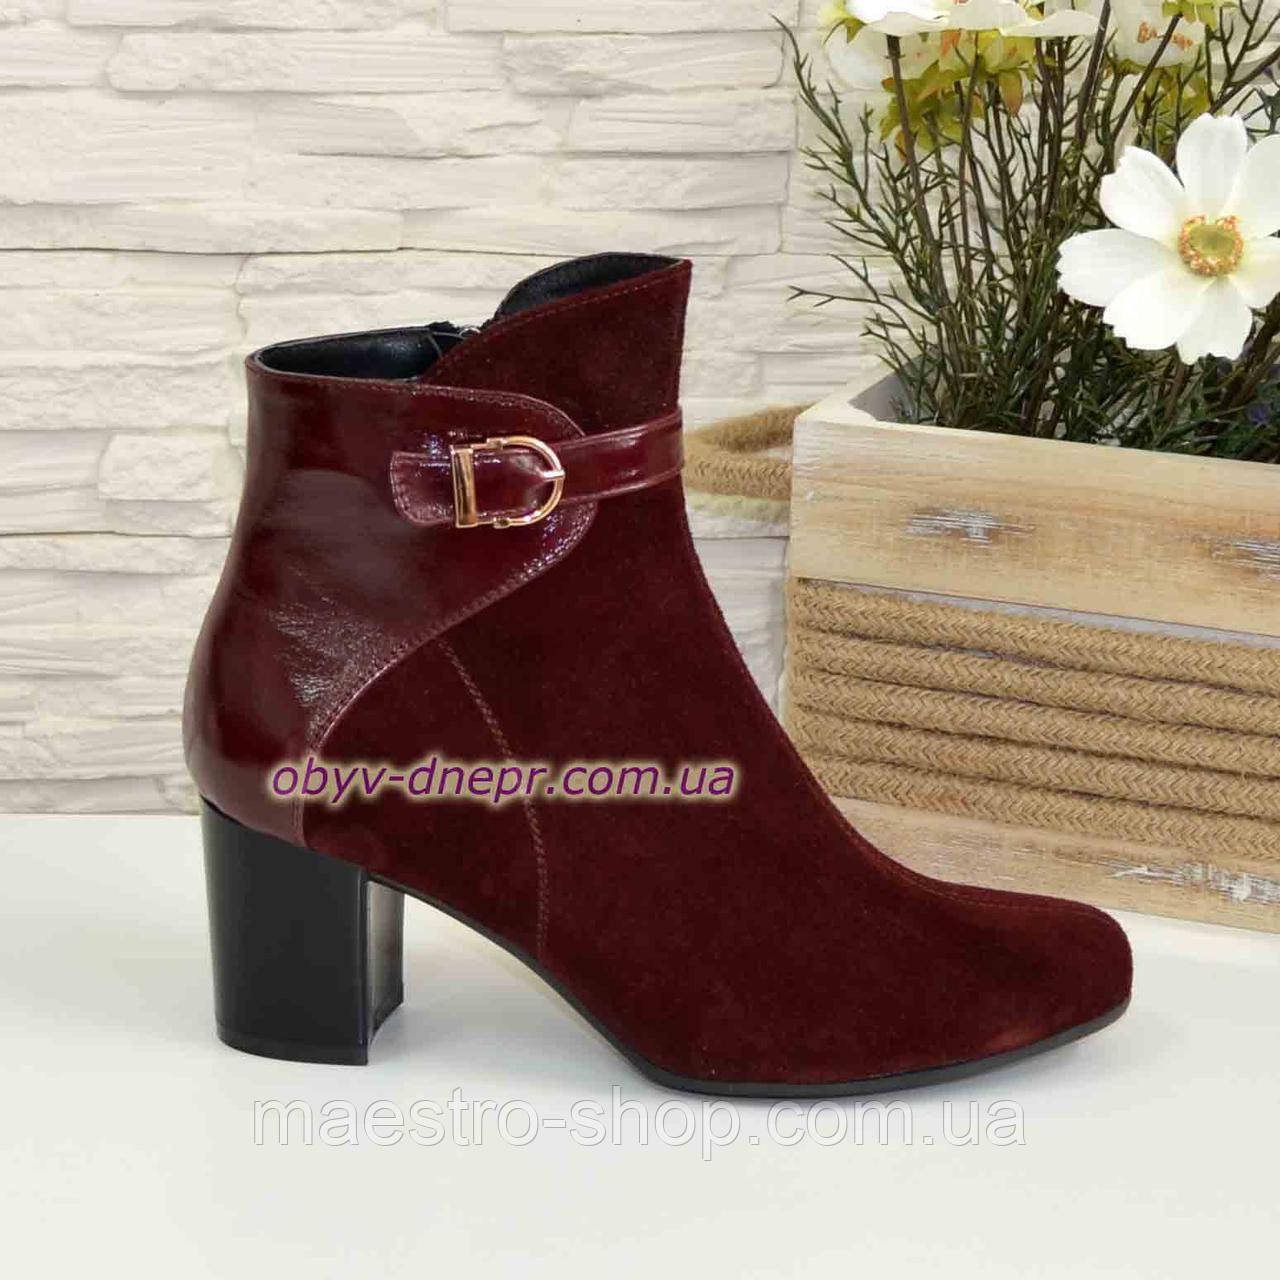 Жіночі бордові демісезонні черевики на невисокому каблуці. Натуральний замш і шкіра.